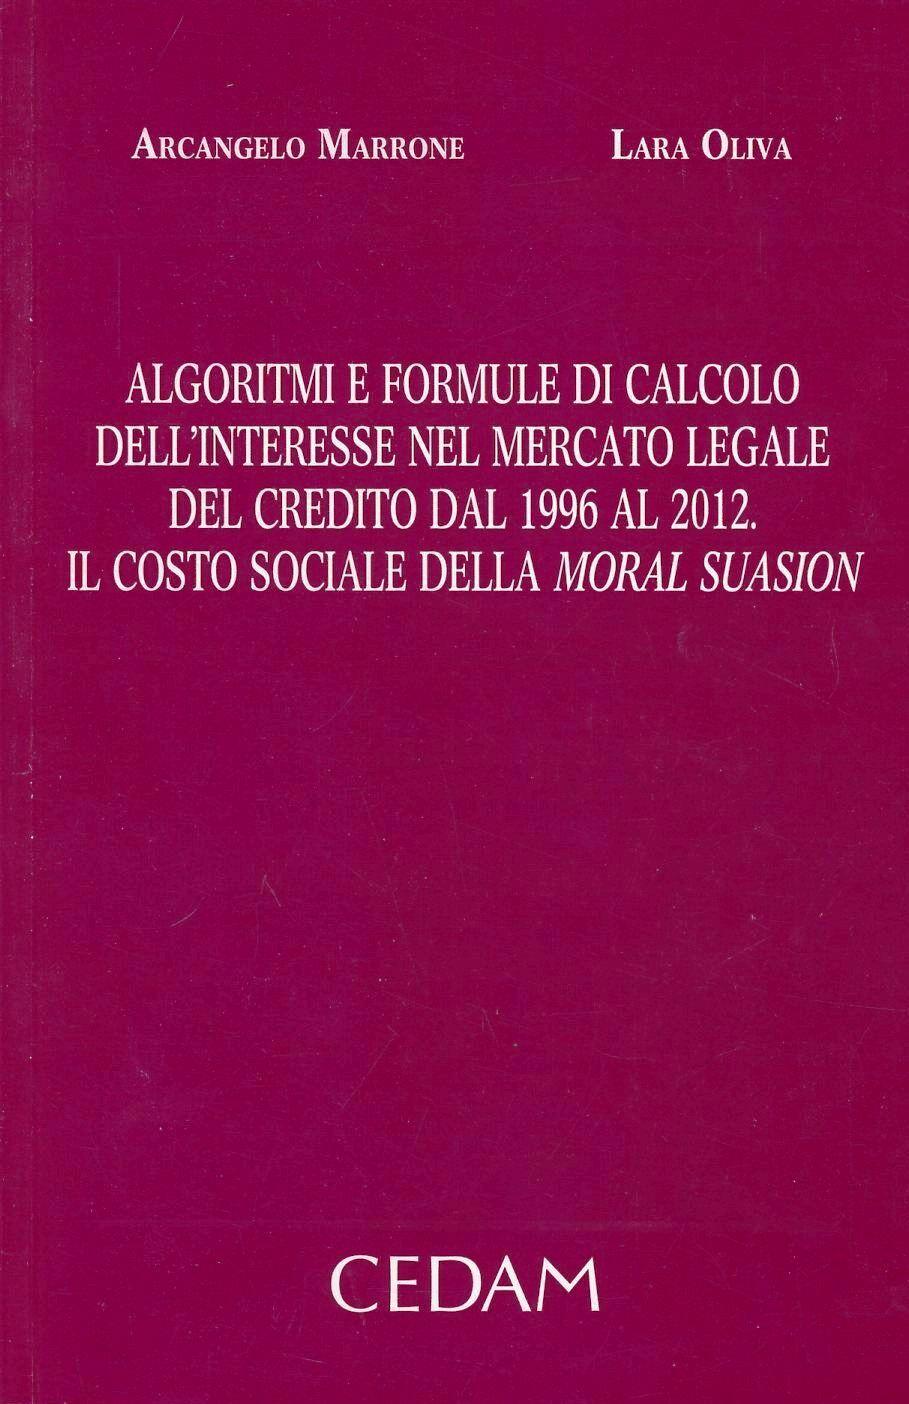 Algoritmi e formule di calcolo dell'interesse nel mercato legale del credito dal 1996 al 2012. Il costo sociale della moral suasion